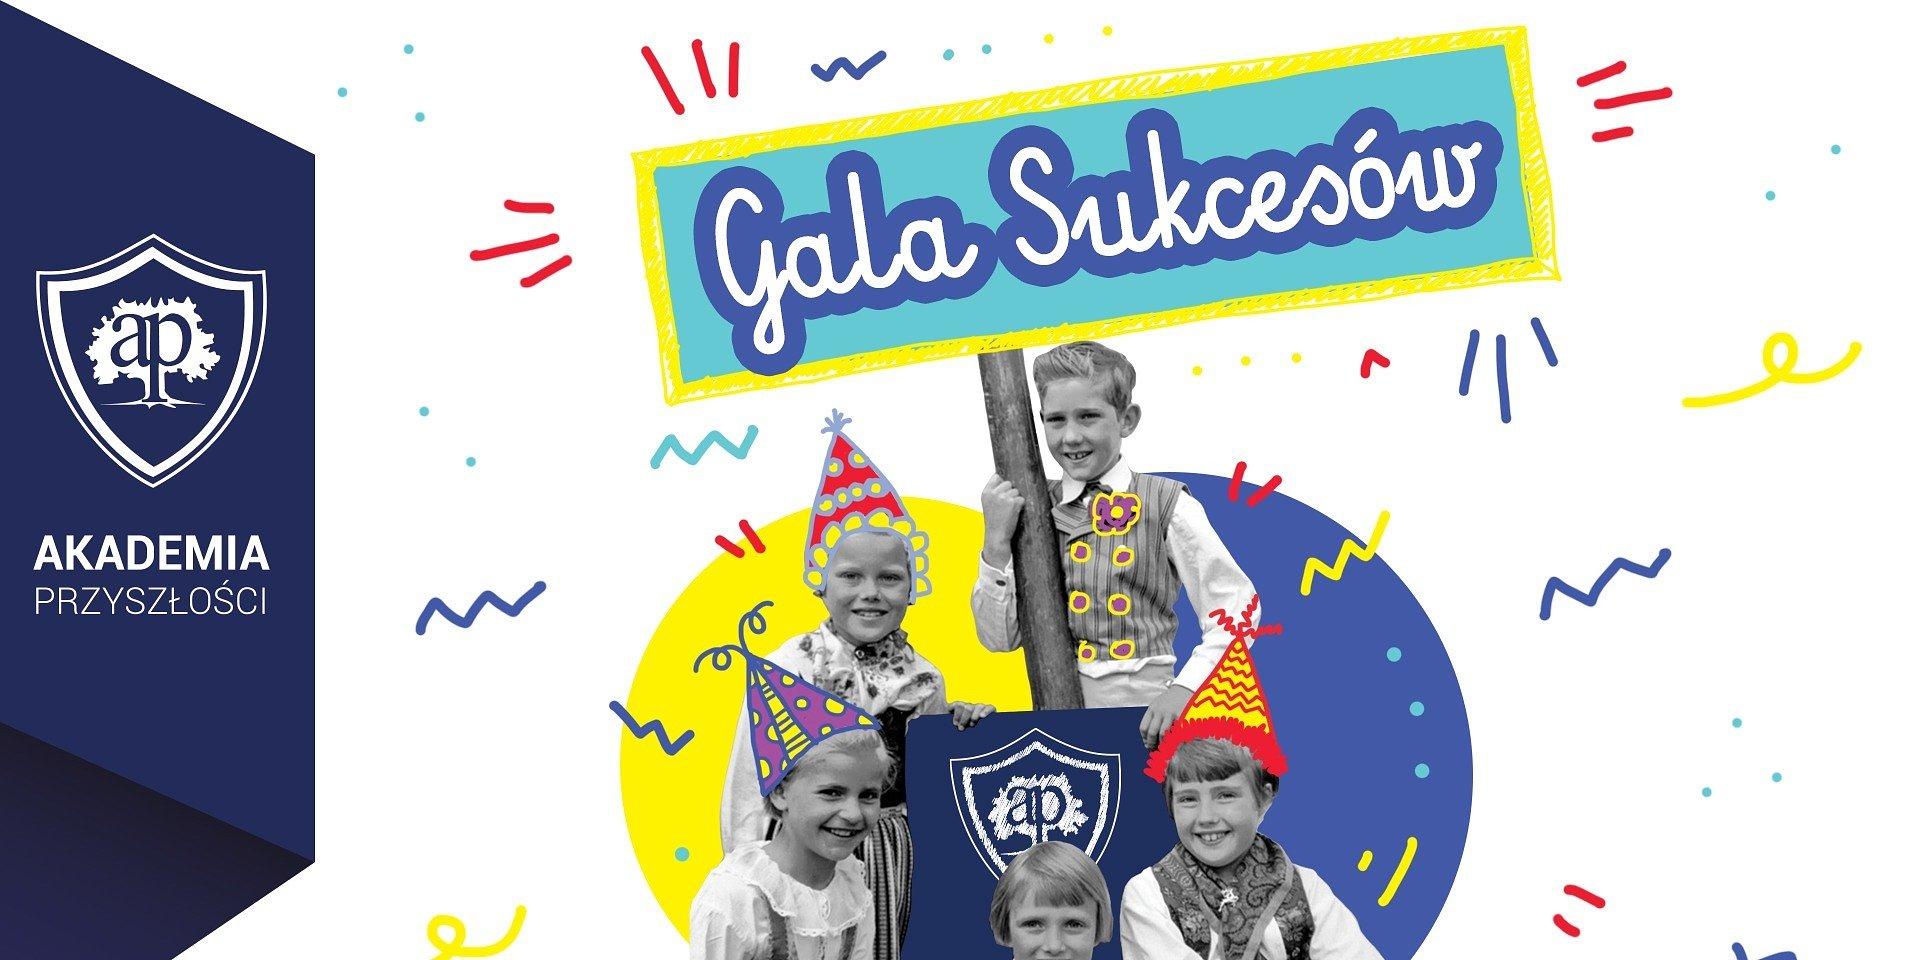 1 650 dzieci wylądowało na planecie sukcesu. Gala Sukcesów Akademii Przyszłości i podsumowanie roku szkolnego 2019/2020